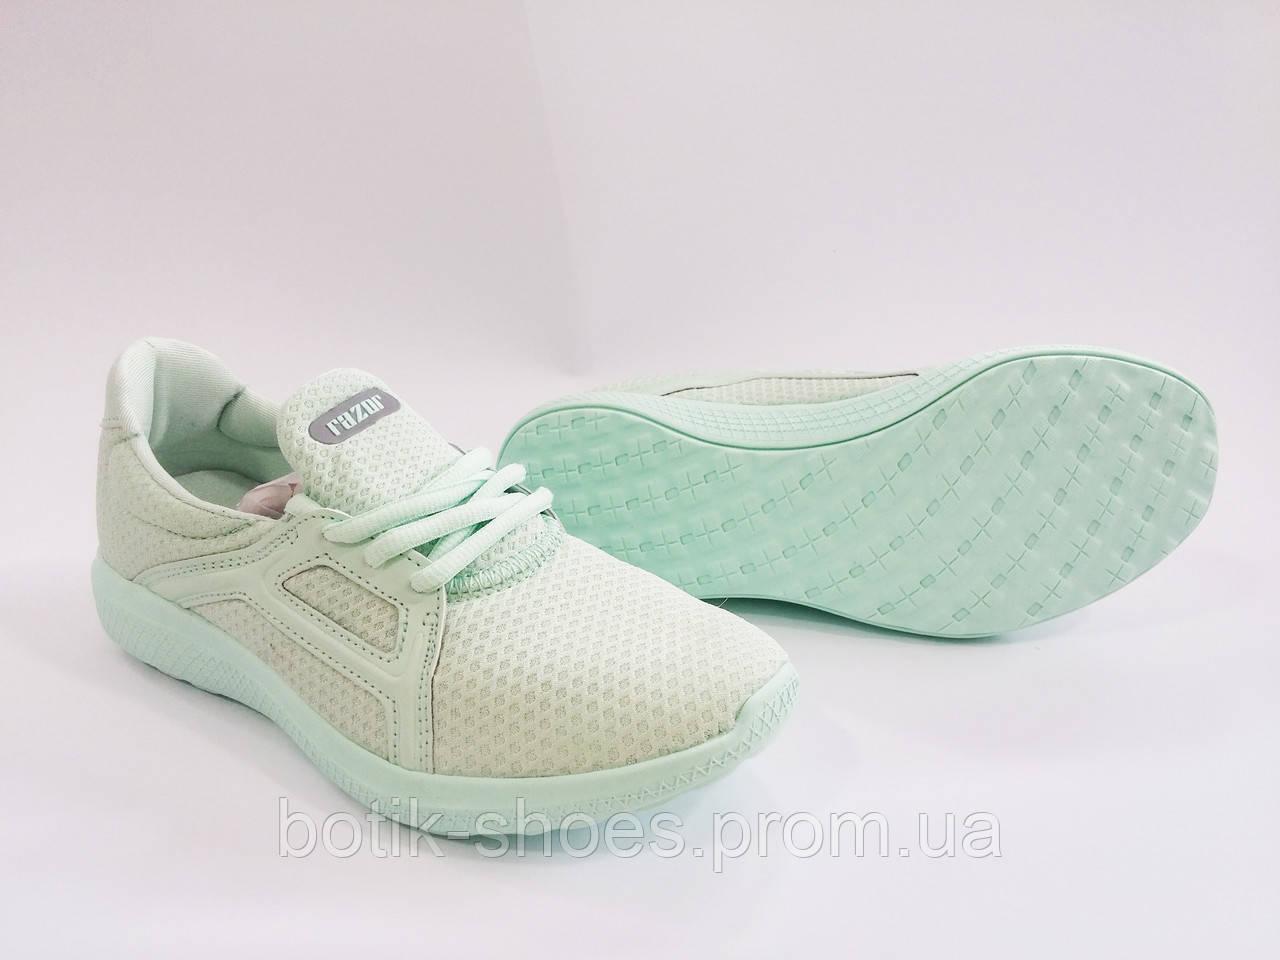 Женские комфортные легкие мятные кроссовки для спорта бега, текстиль Razor  - интернет-магазин обуви 8949a5fb7ed